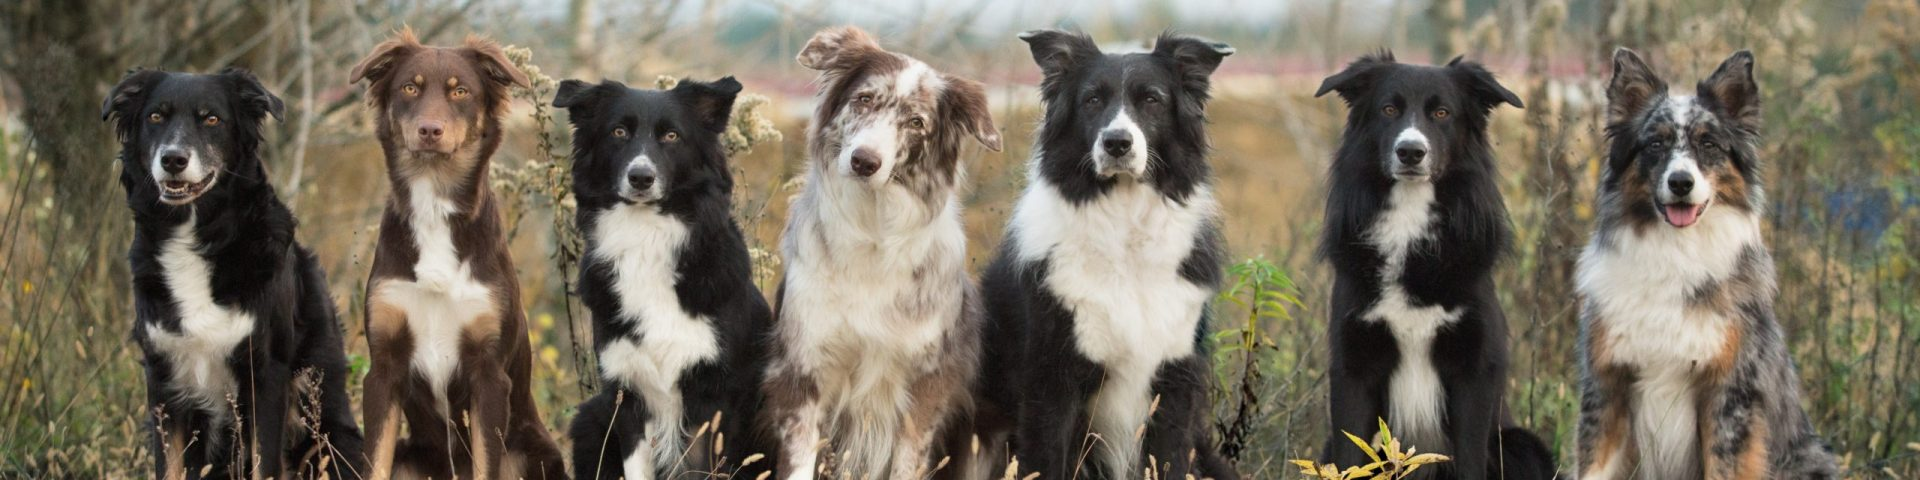 Let's talk about Australian Shepherd & Pudel